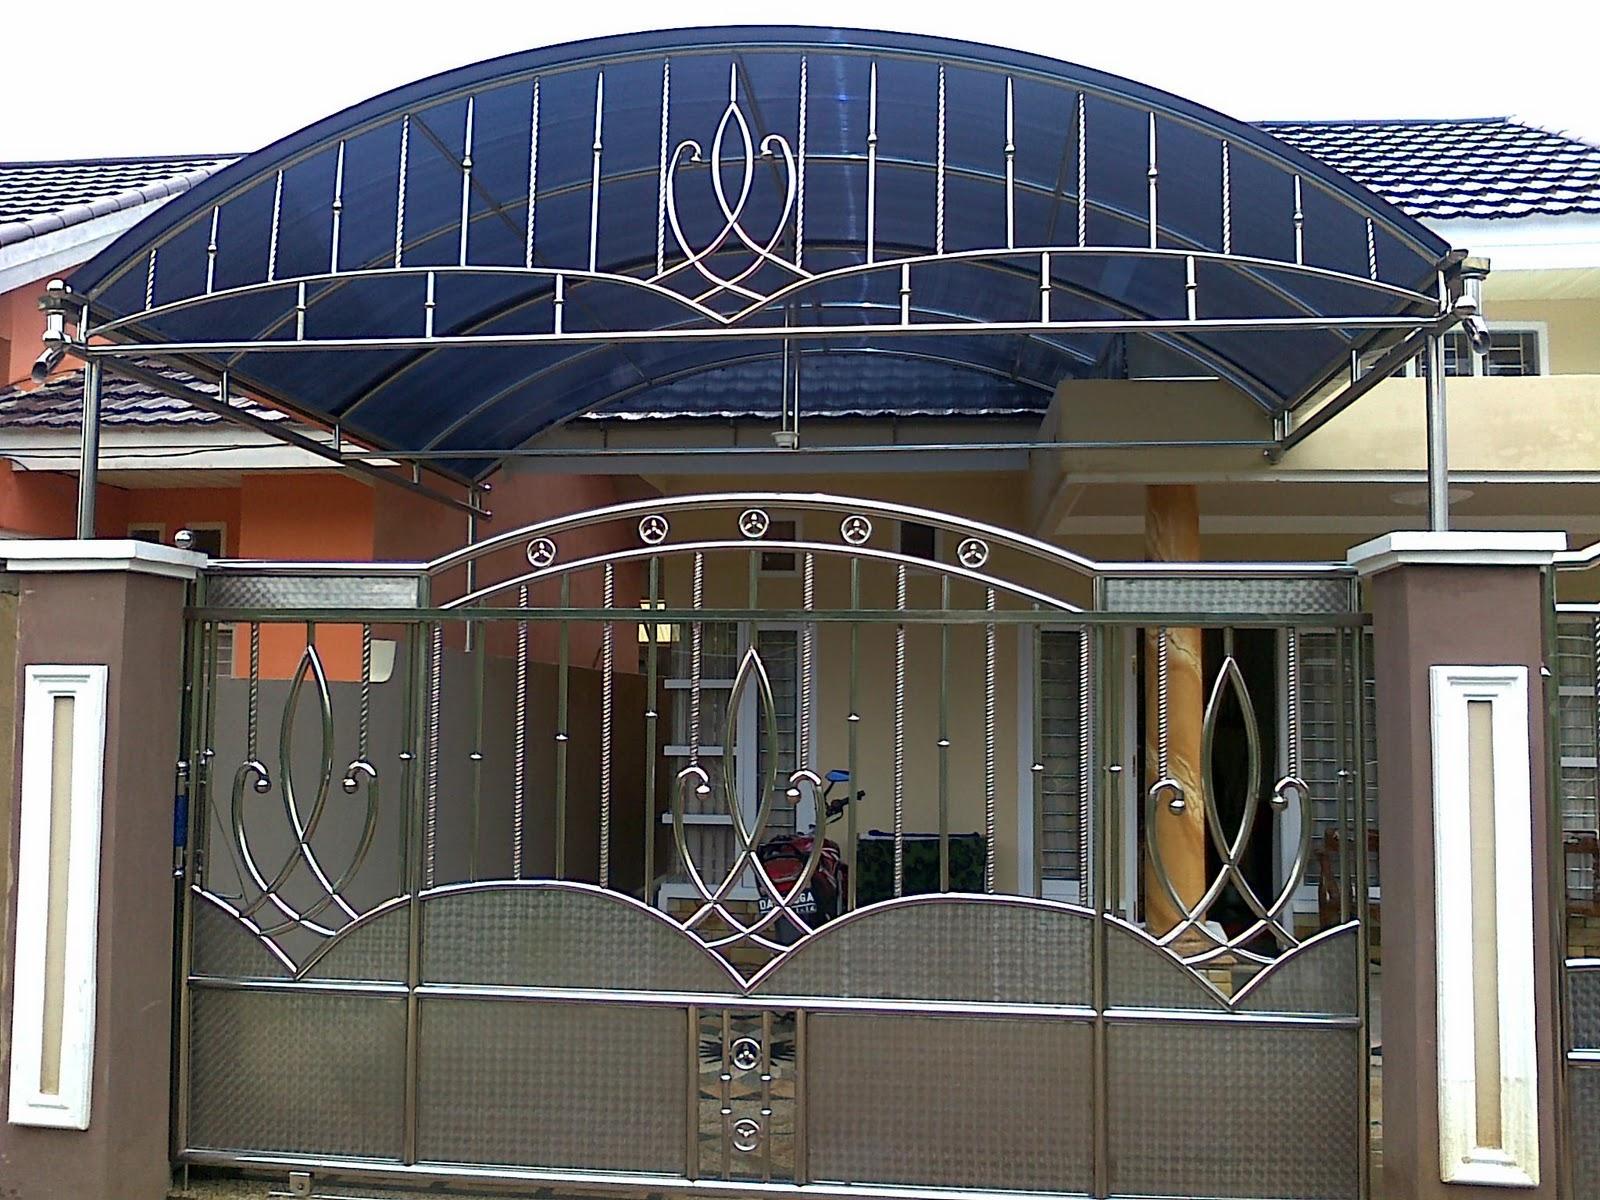 Gambar Pagar Rumah Terbaru ~ Download Image